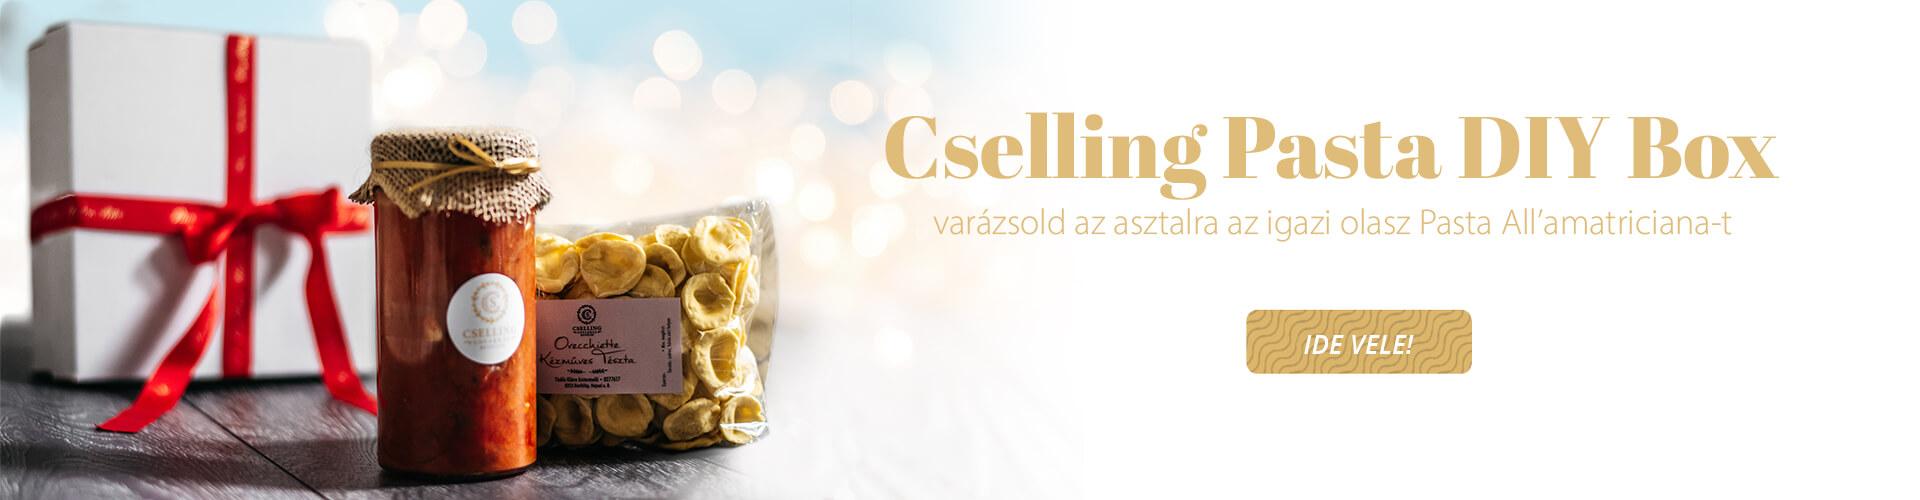 Cselling Pasta Box Karácsonyi ajándék